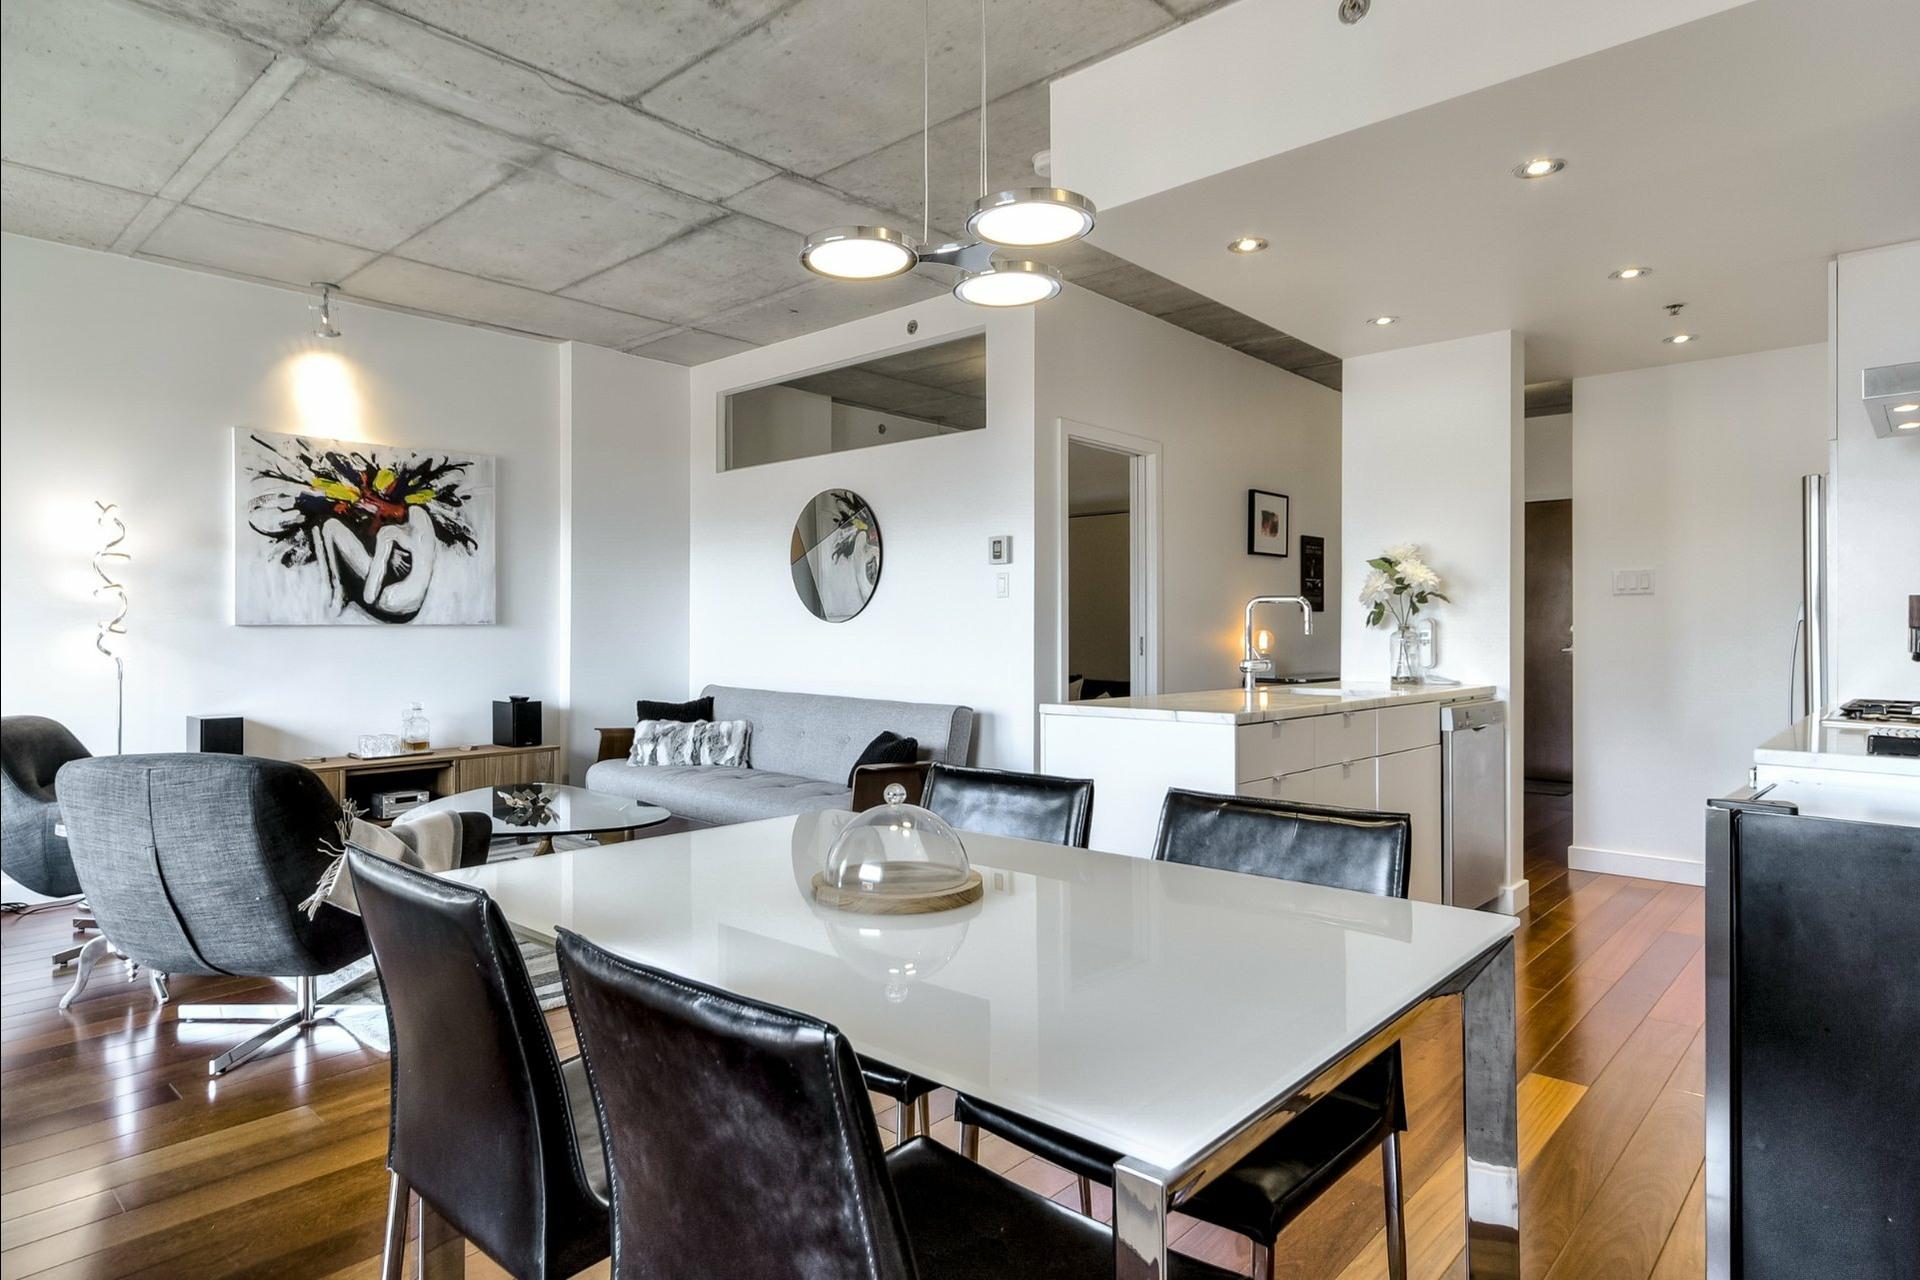 image 4 - Appartement À vendre Montréal Le Plateau-Mont-Royal  - 6 pièces